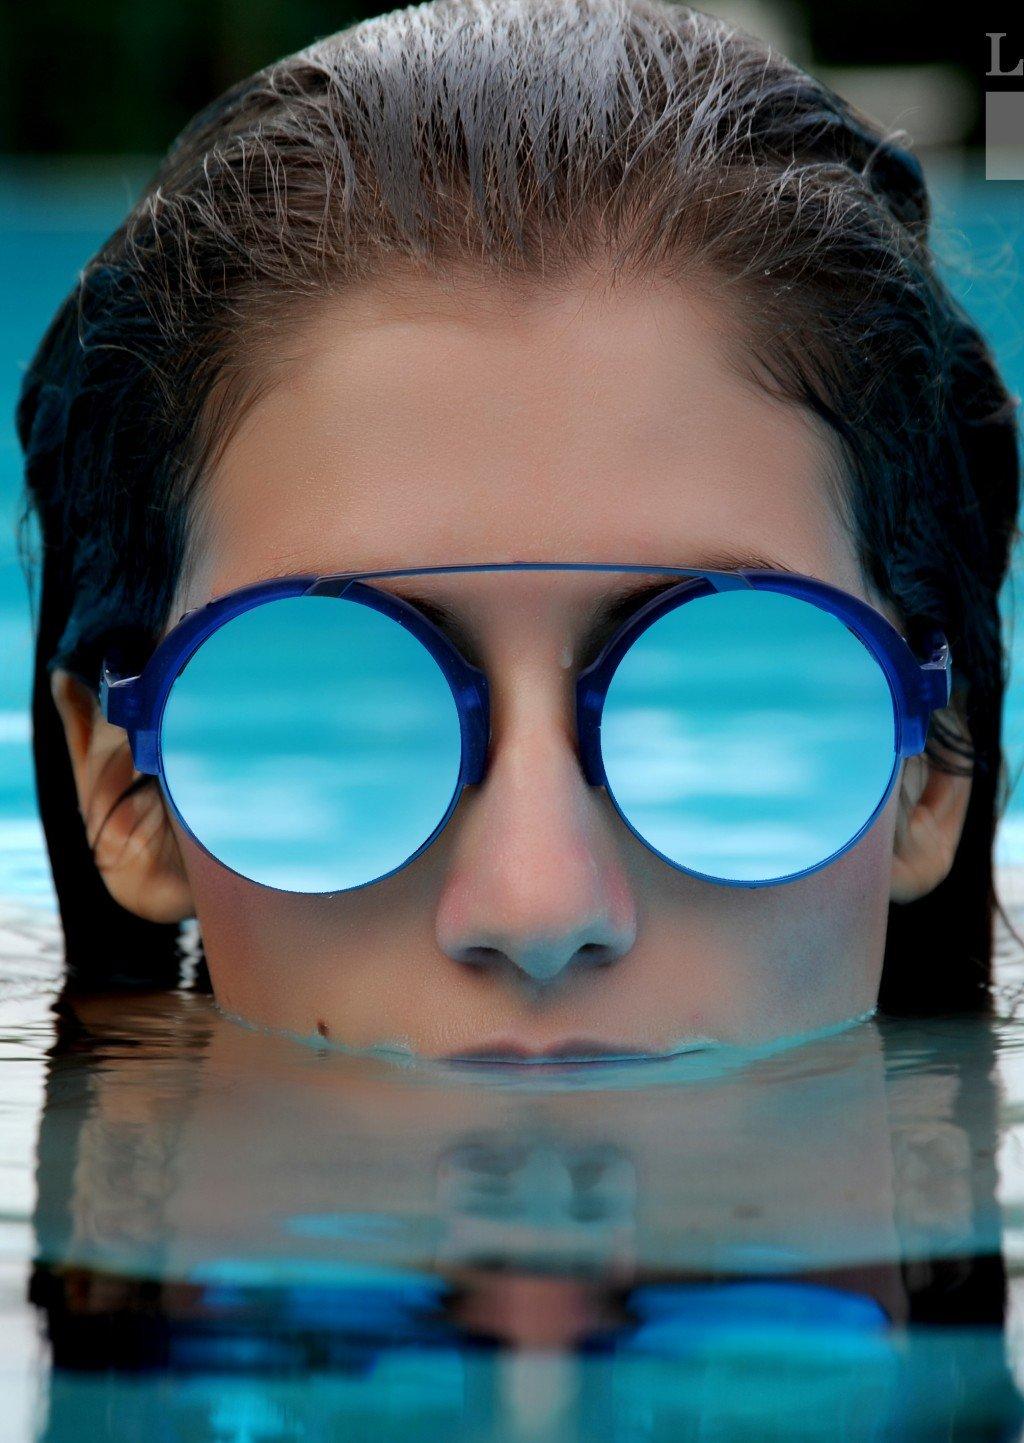 occhiali da sole lenti a specchio